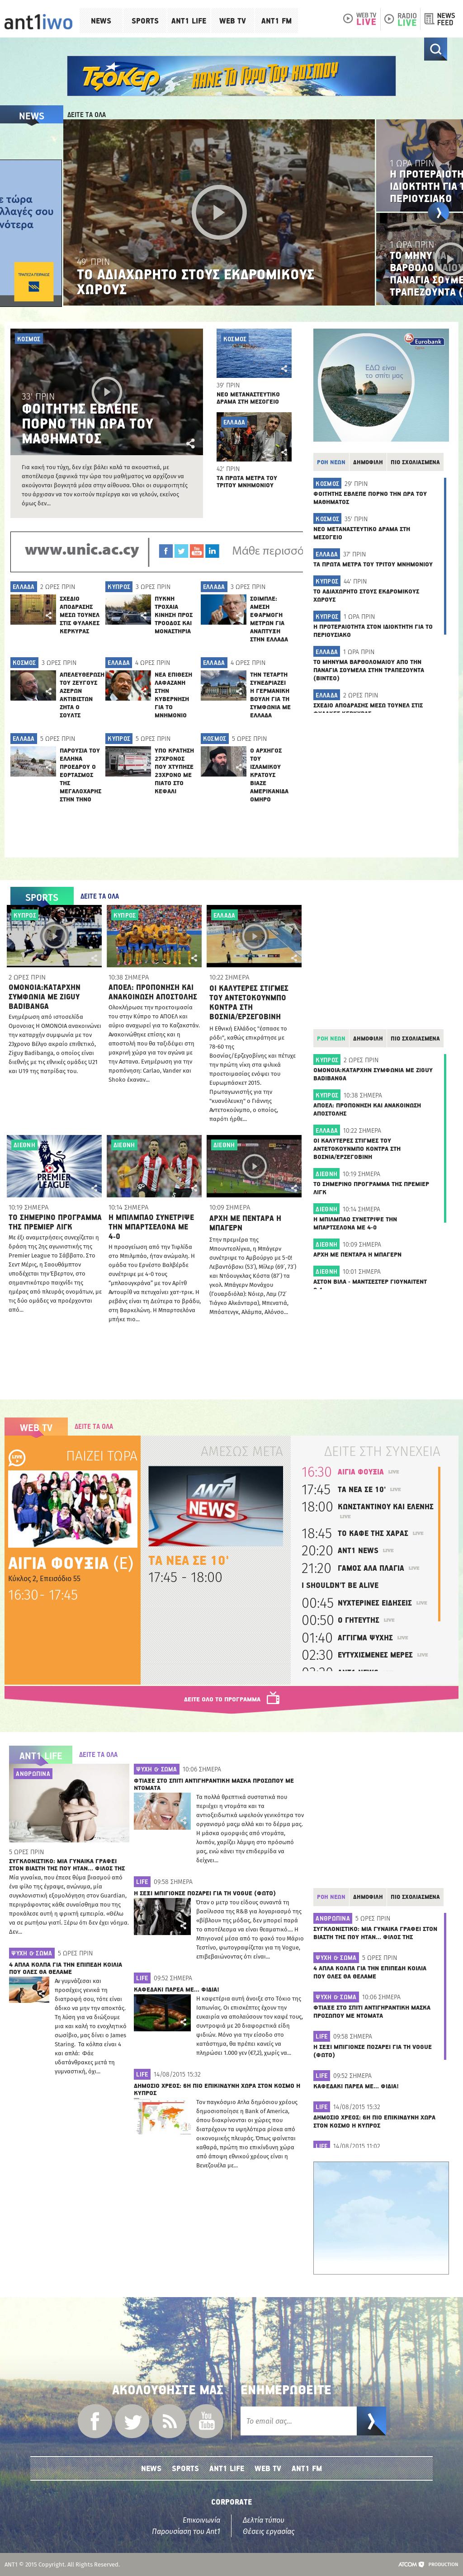 Καλύτερες διεθνείς ιστοσελίδες dating 2015